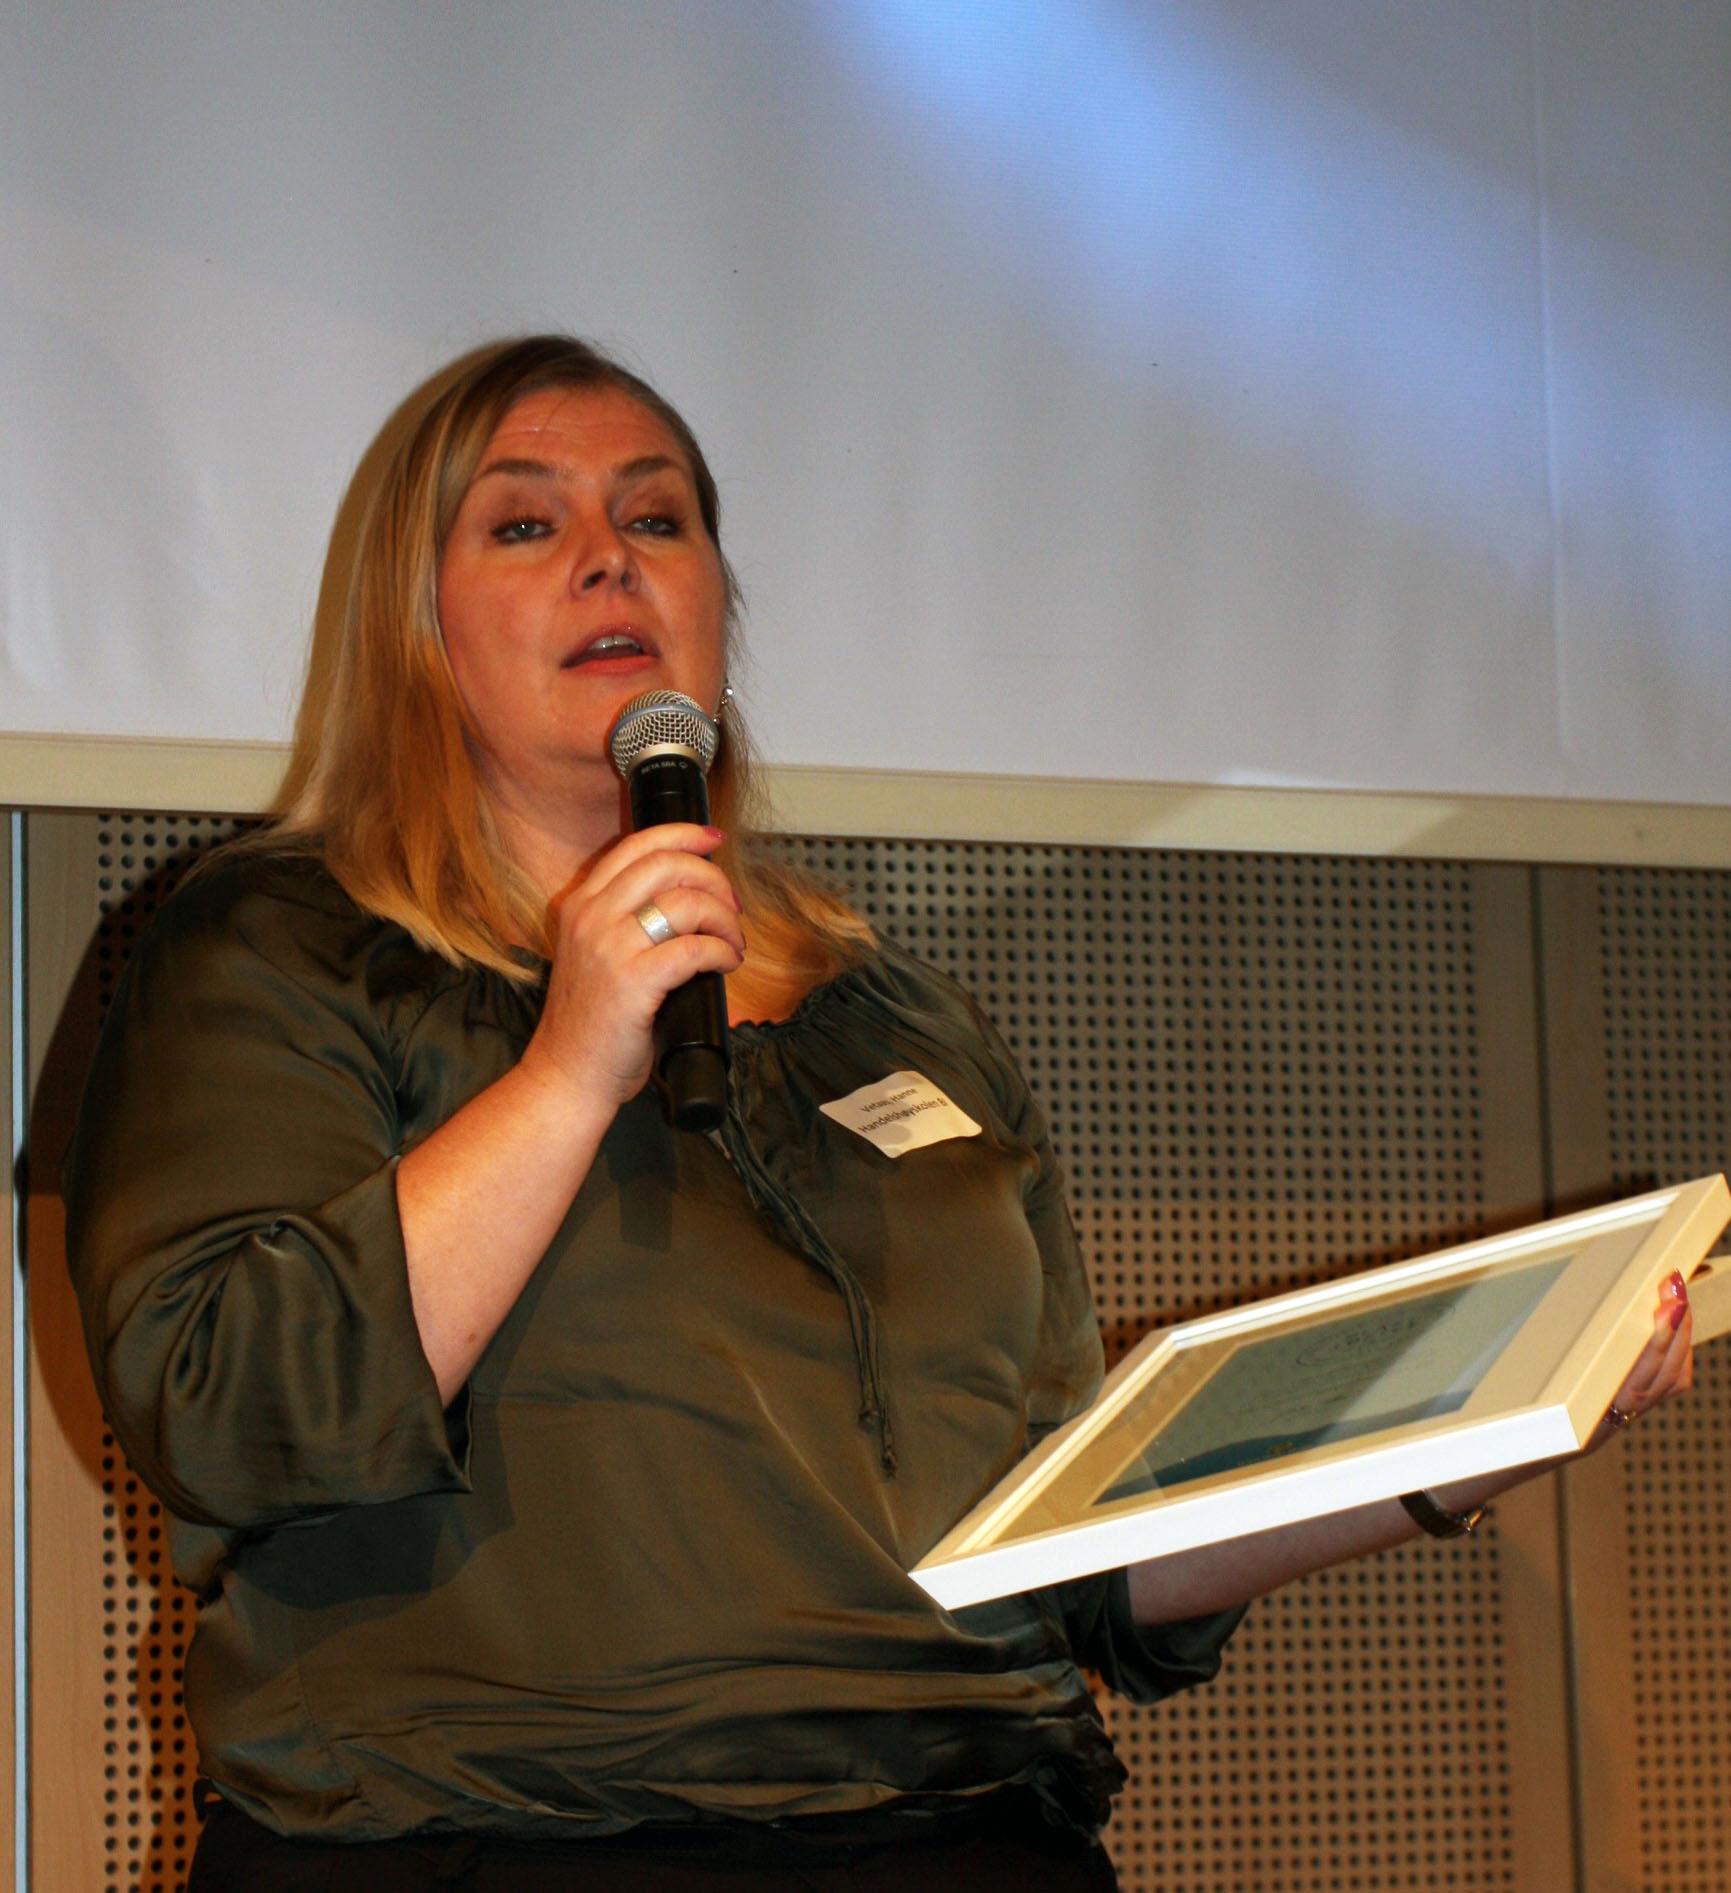 Hanne Vetaas fra Handelshøyskolen BI fikk pris for å ha gått tilbake til porselen og glass i kantinene og dermed halvert restavfallsmengden fra de 17 000 studentene.